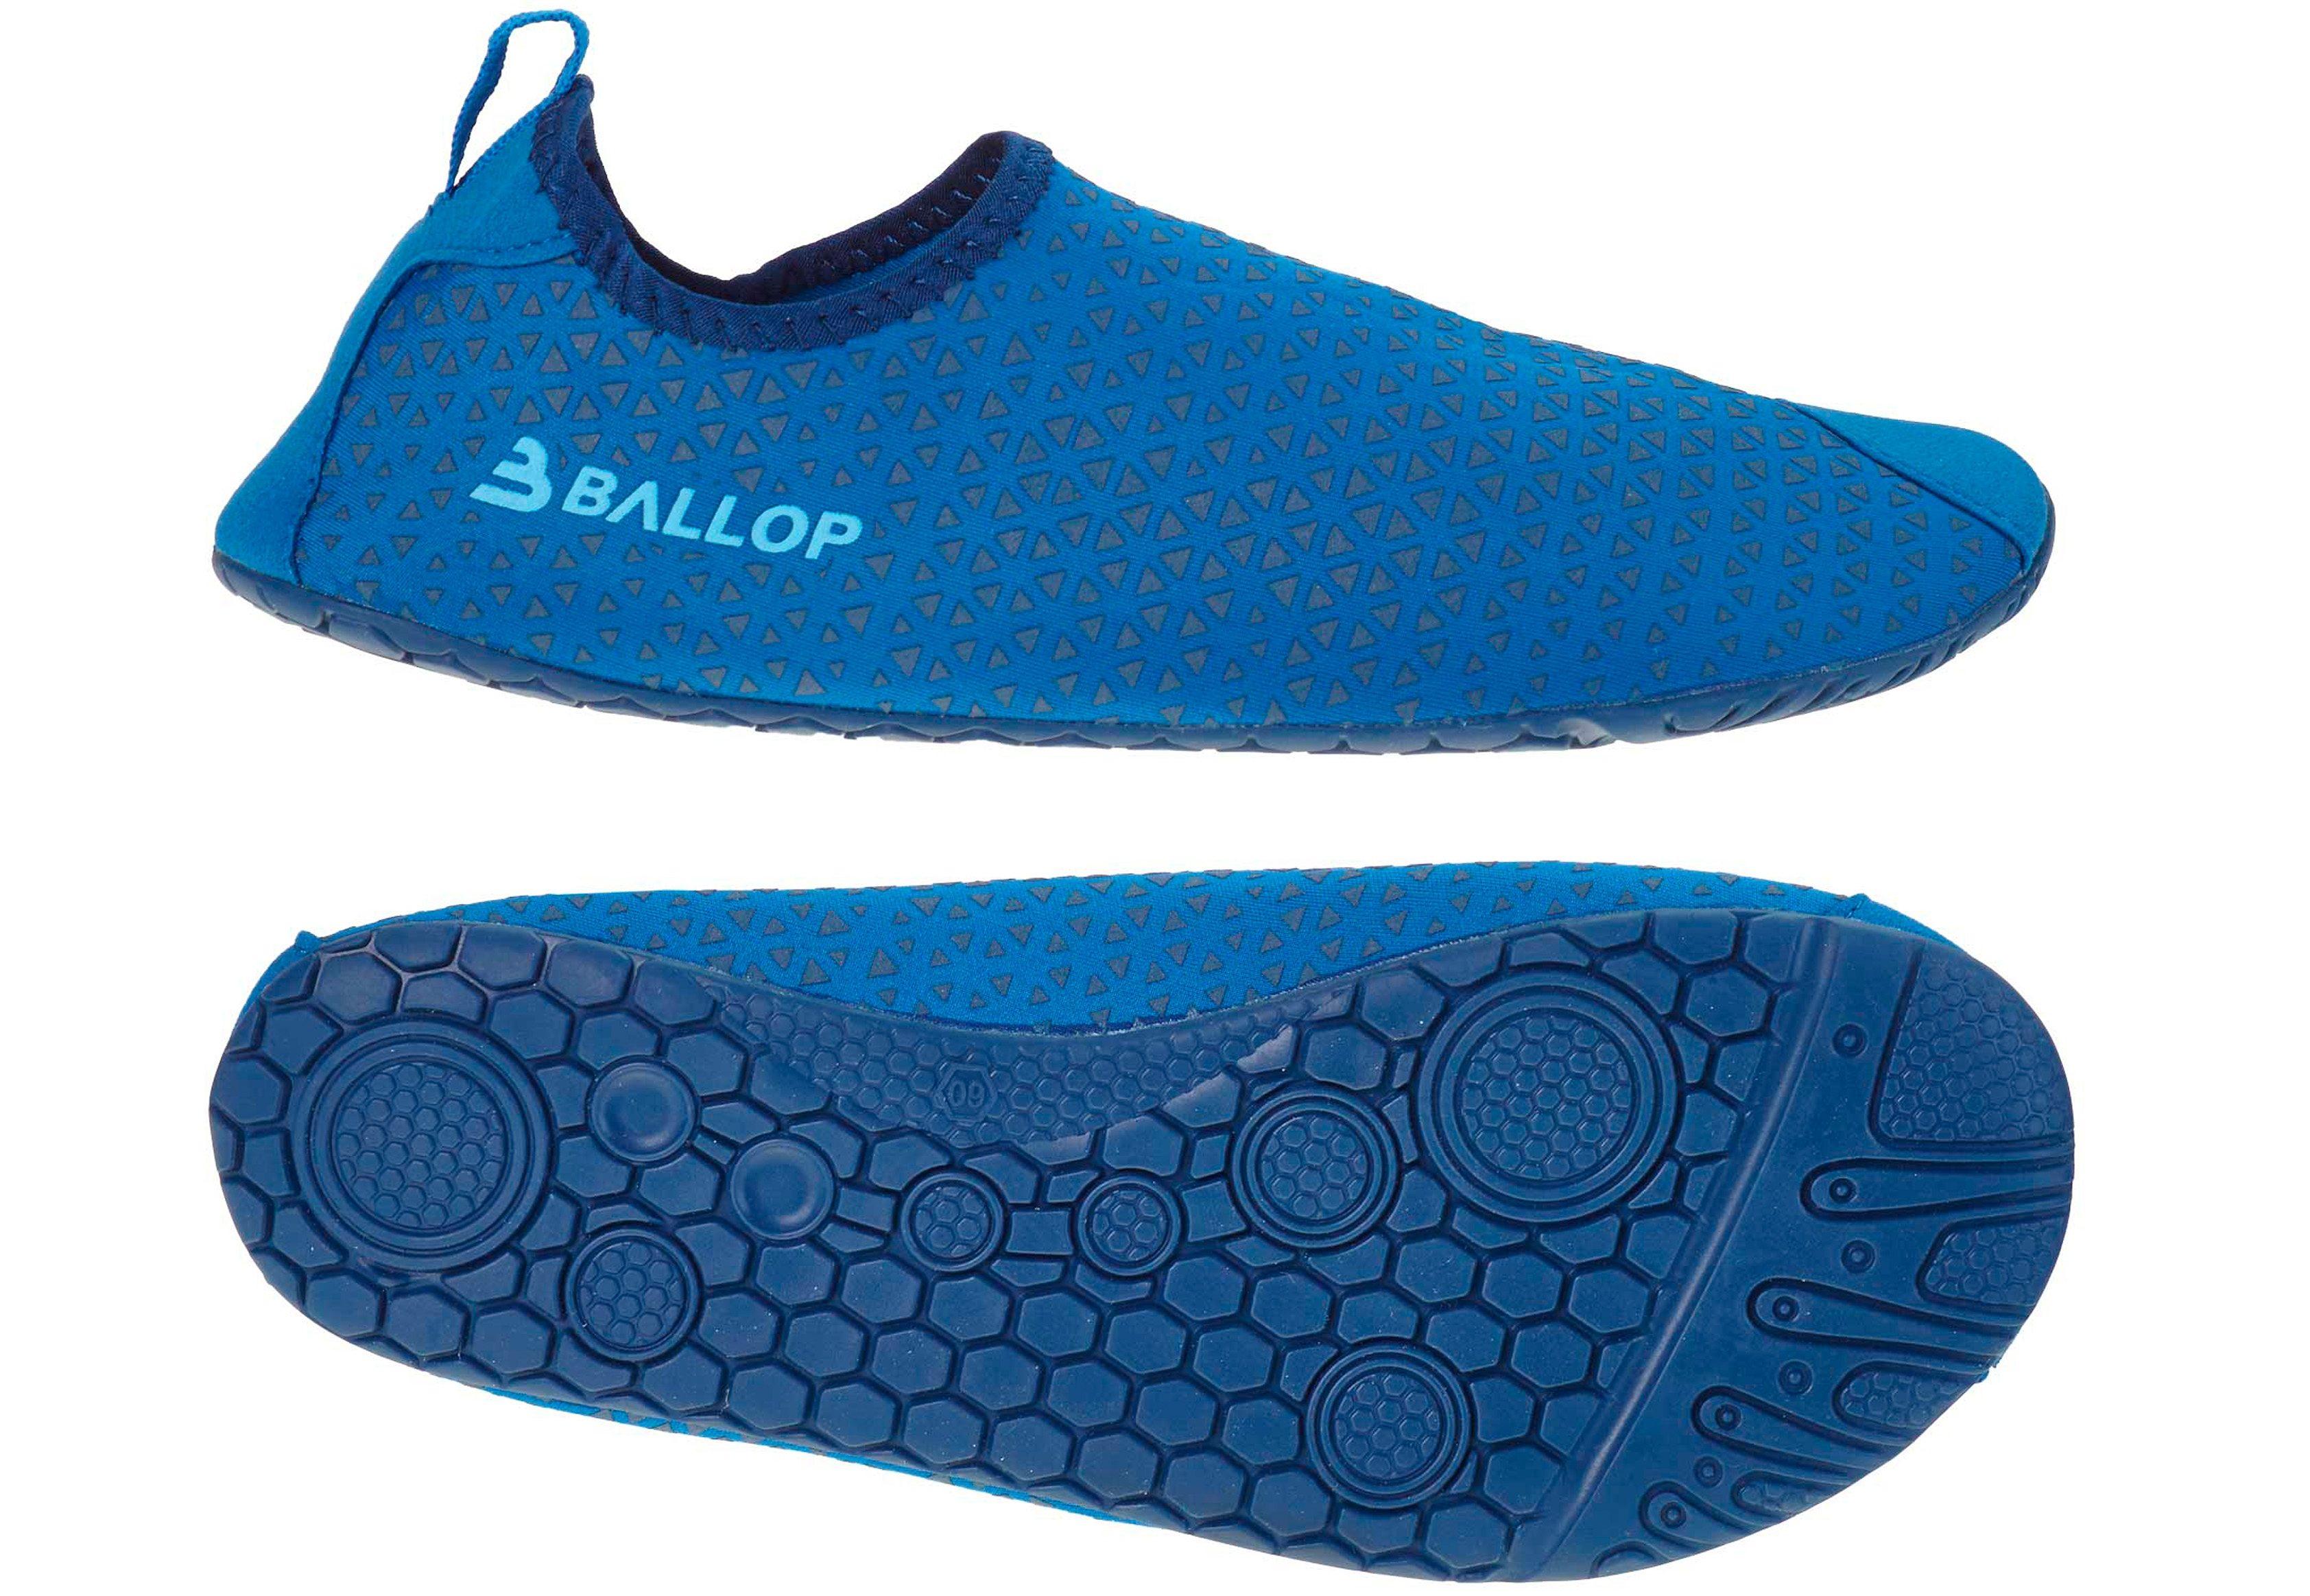 Ballop Barfußschuhe, Spider blue online kaufen  blau